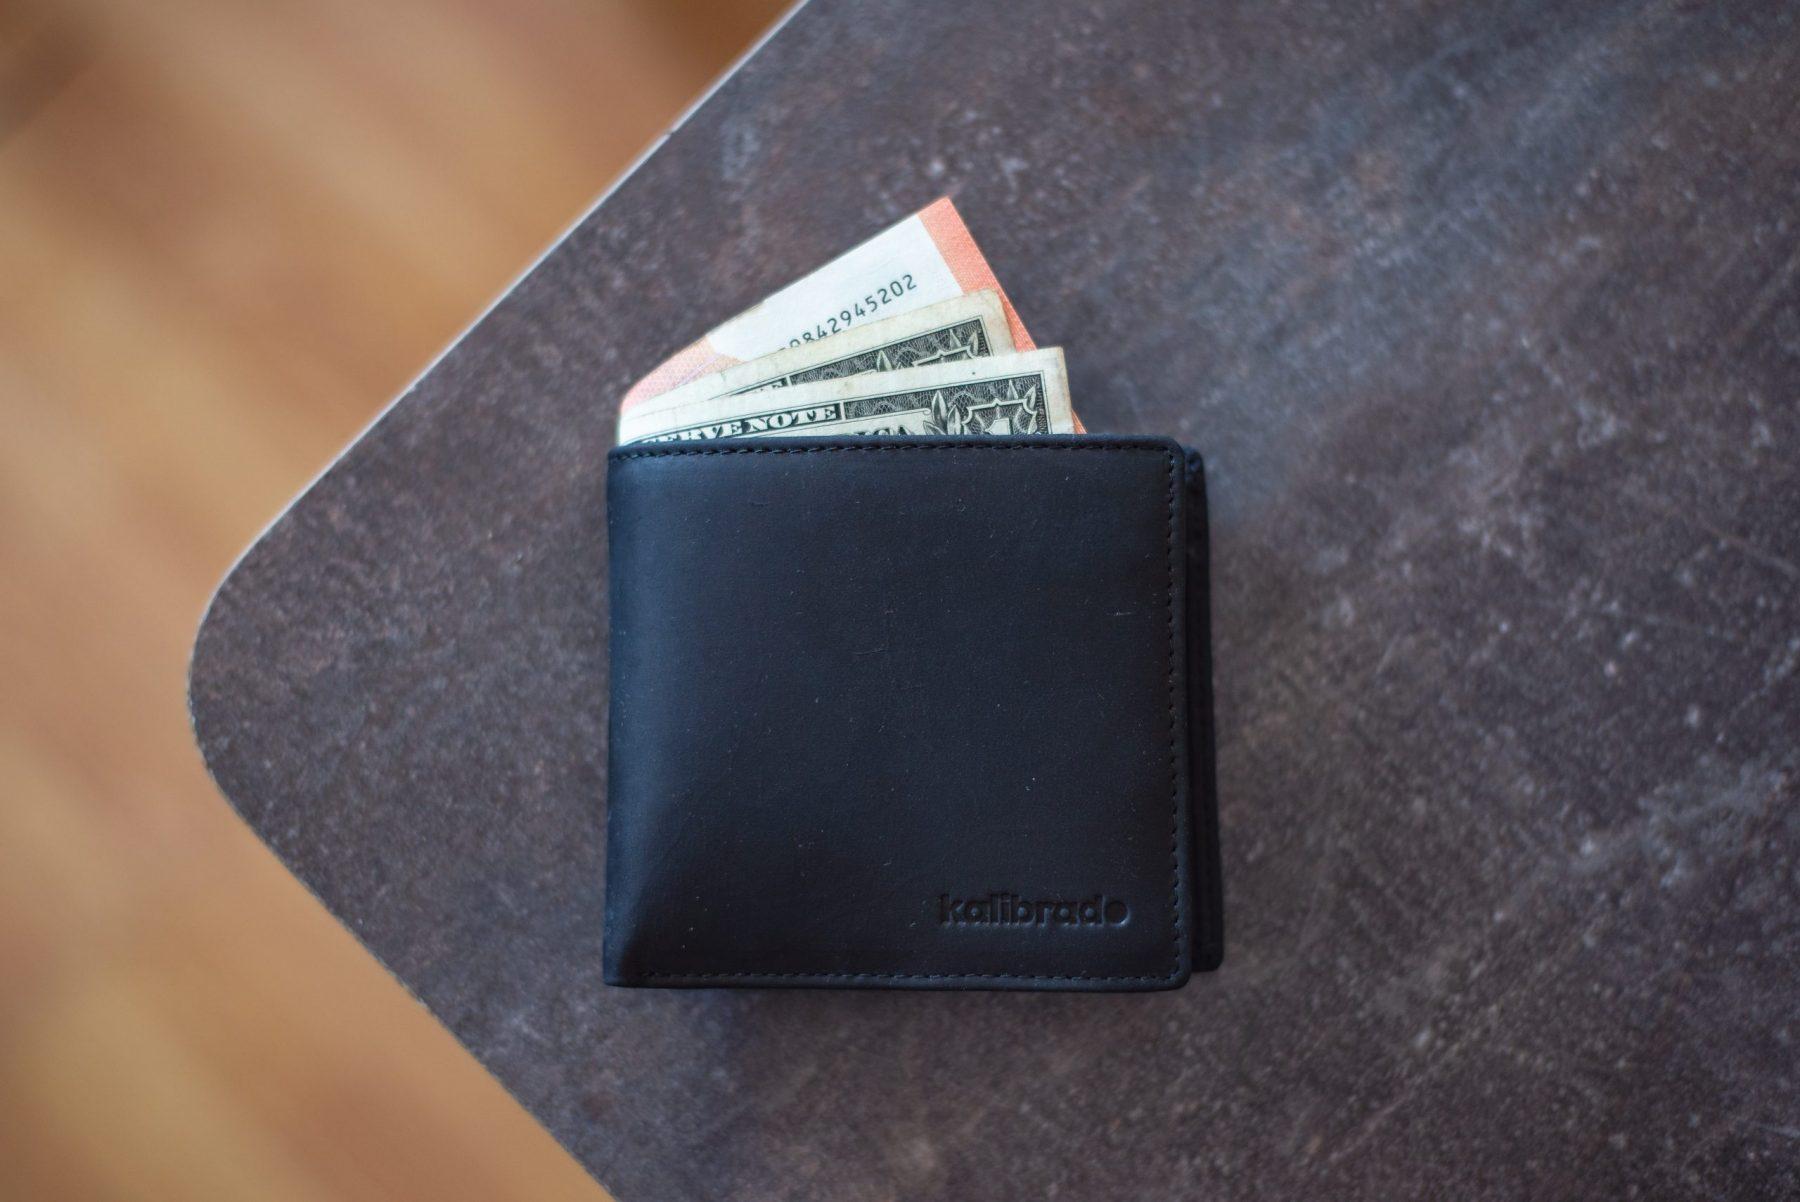 Portfel z banknotami na stole.